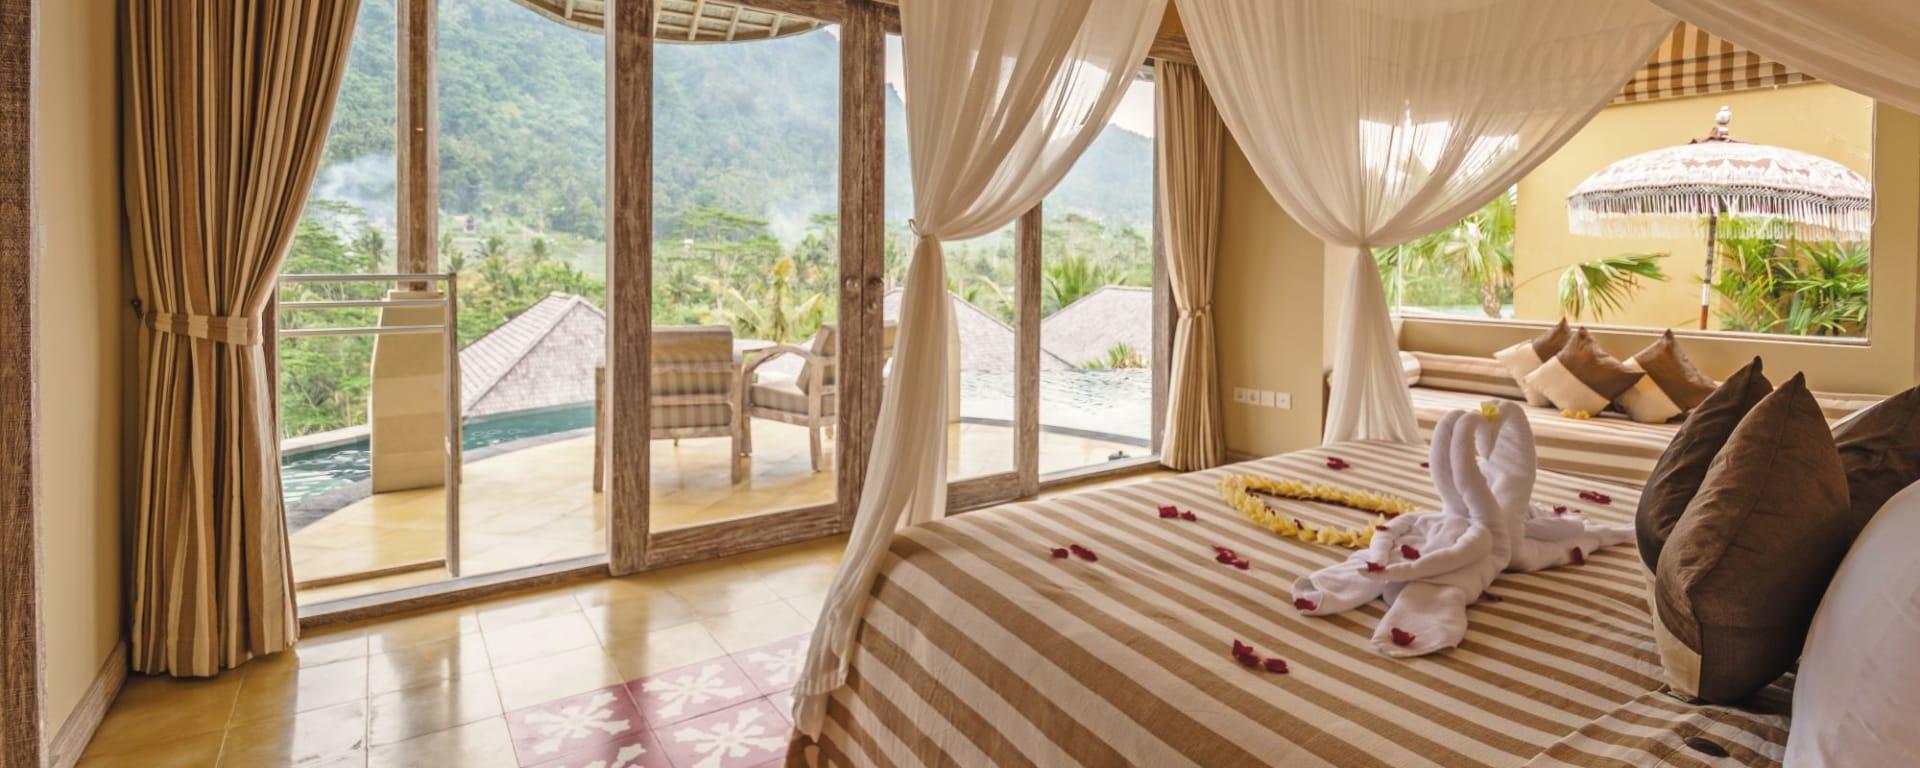 Wapa di Ume Sidemen à Ouest de Bali: 1-Bedroom Pool Villa